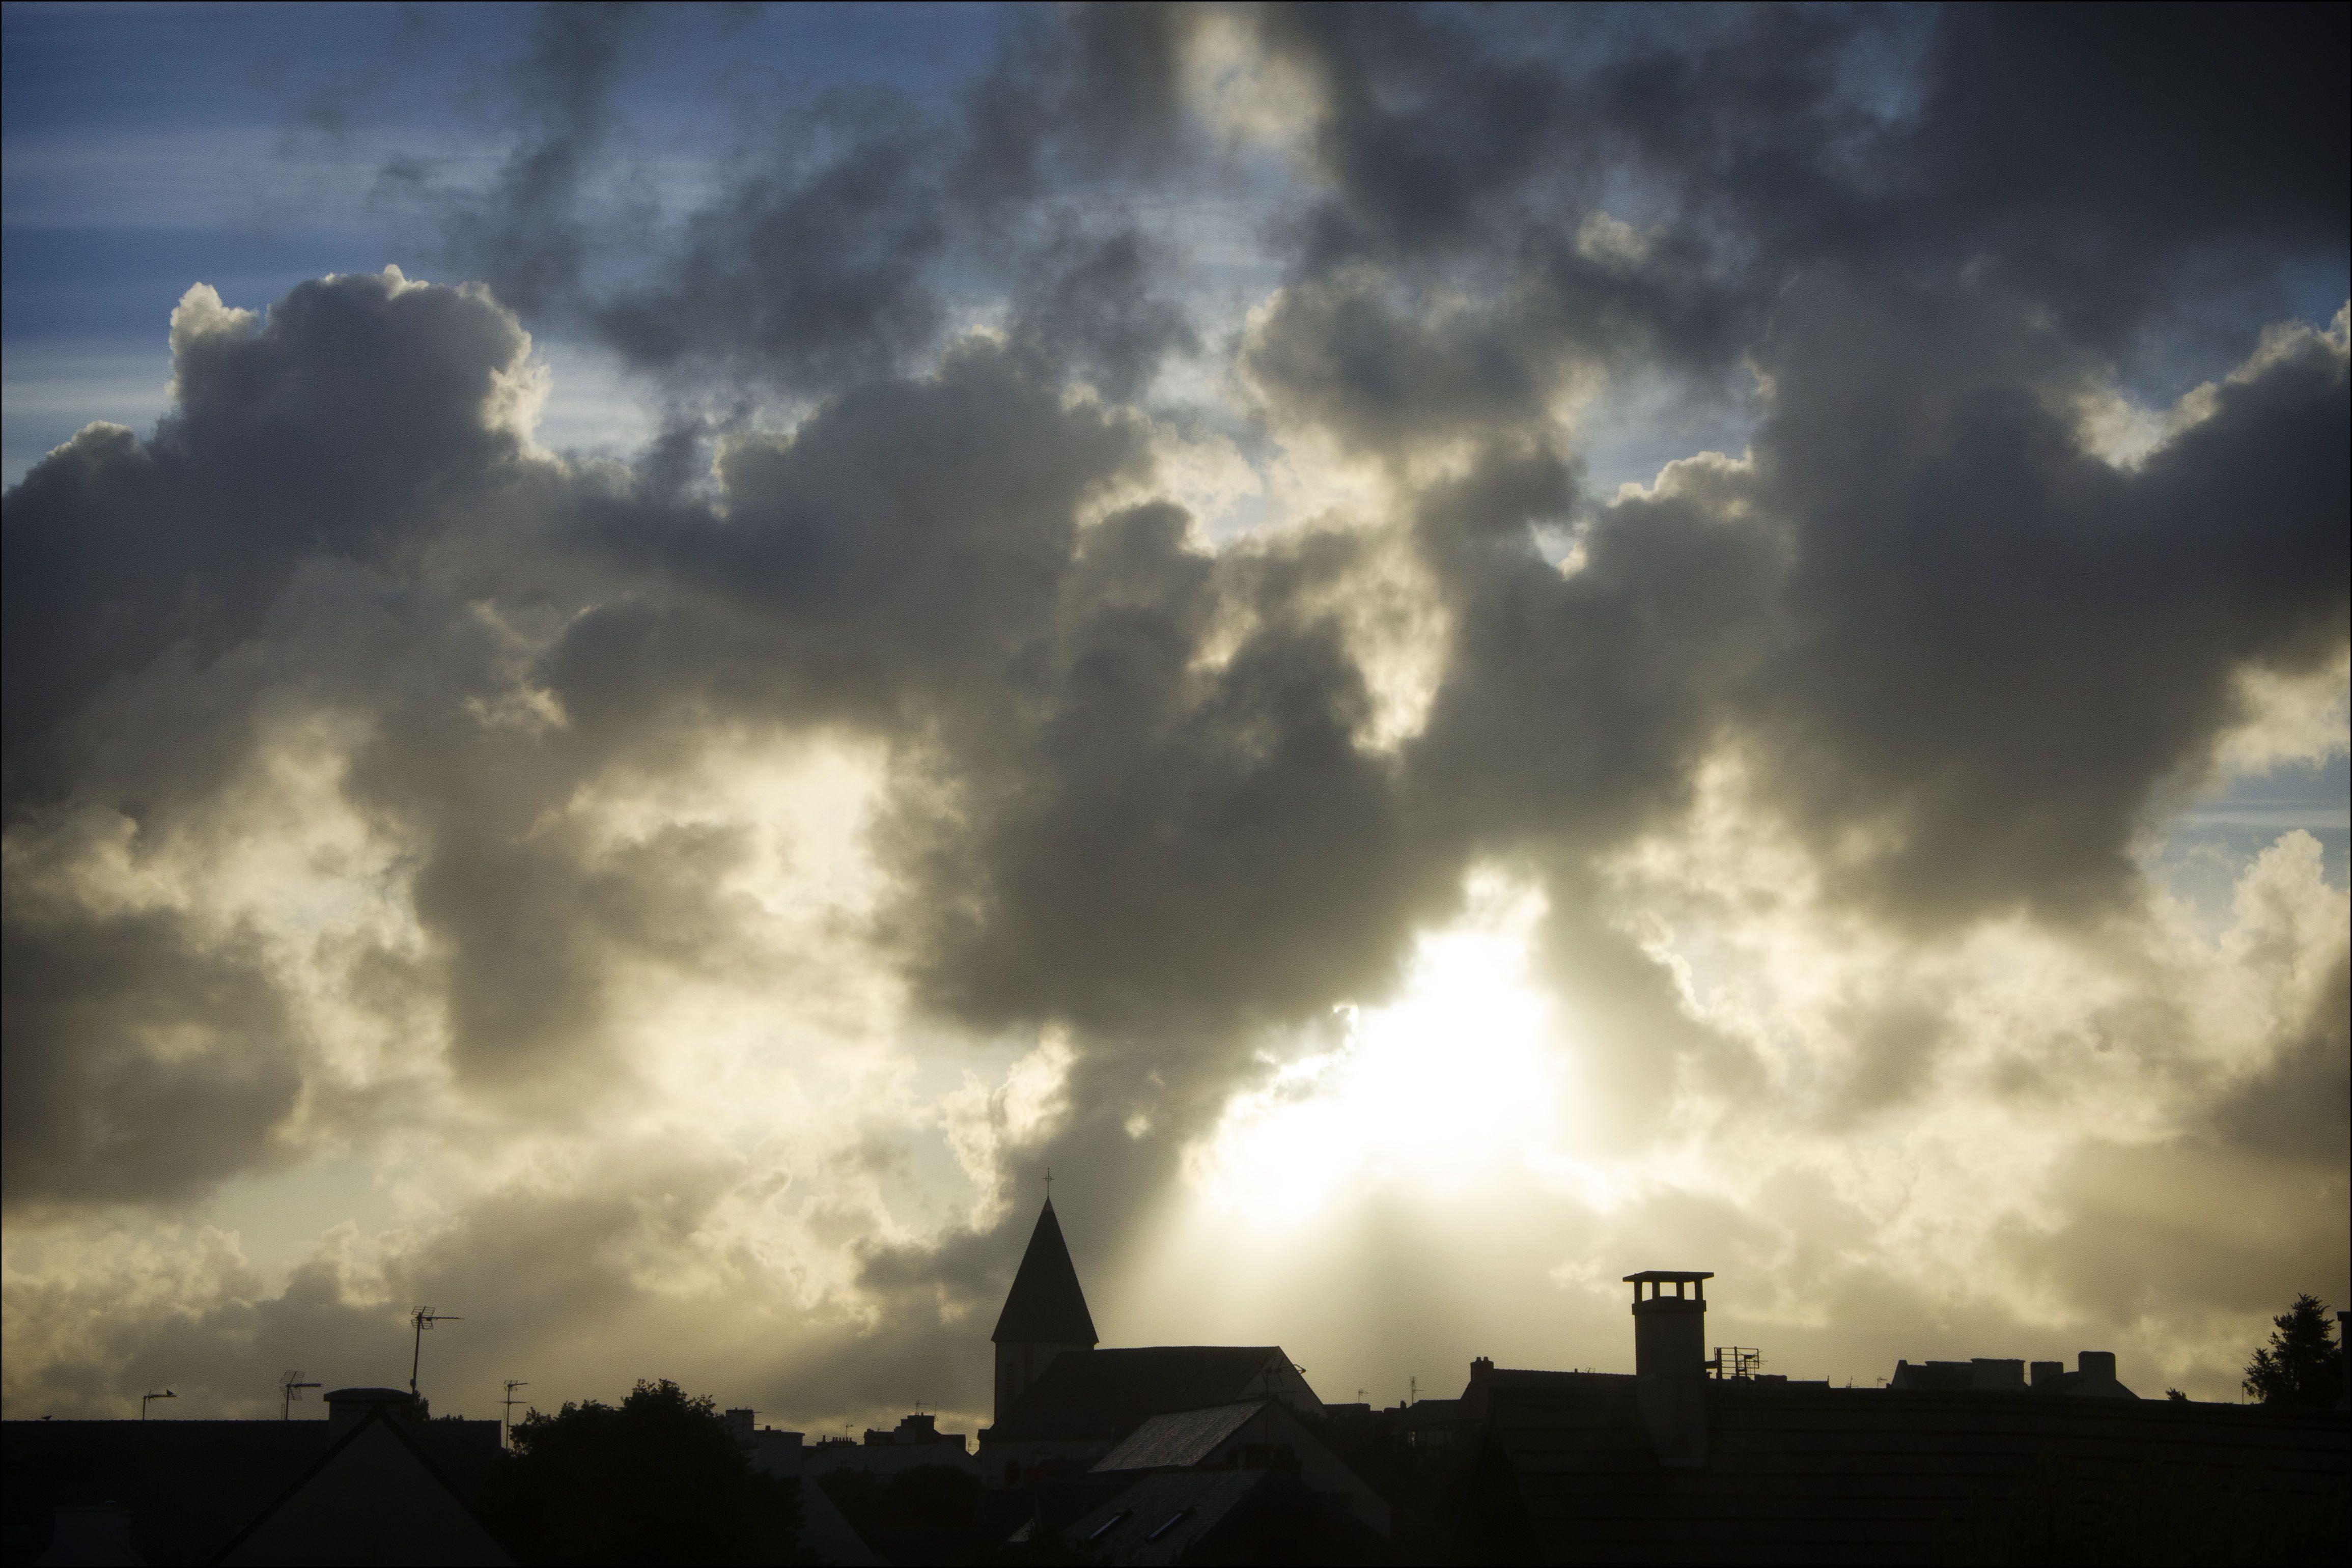 Concours Photo 2013, Callot Thierry ''Il y a de l'orage dans l'air''